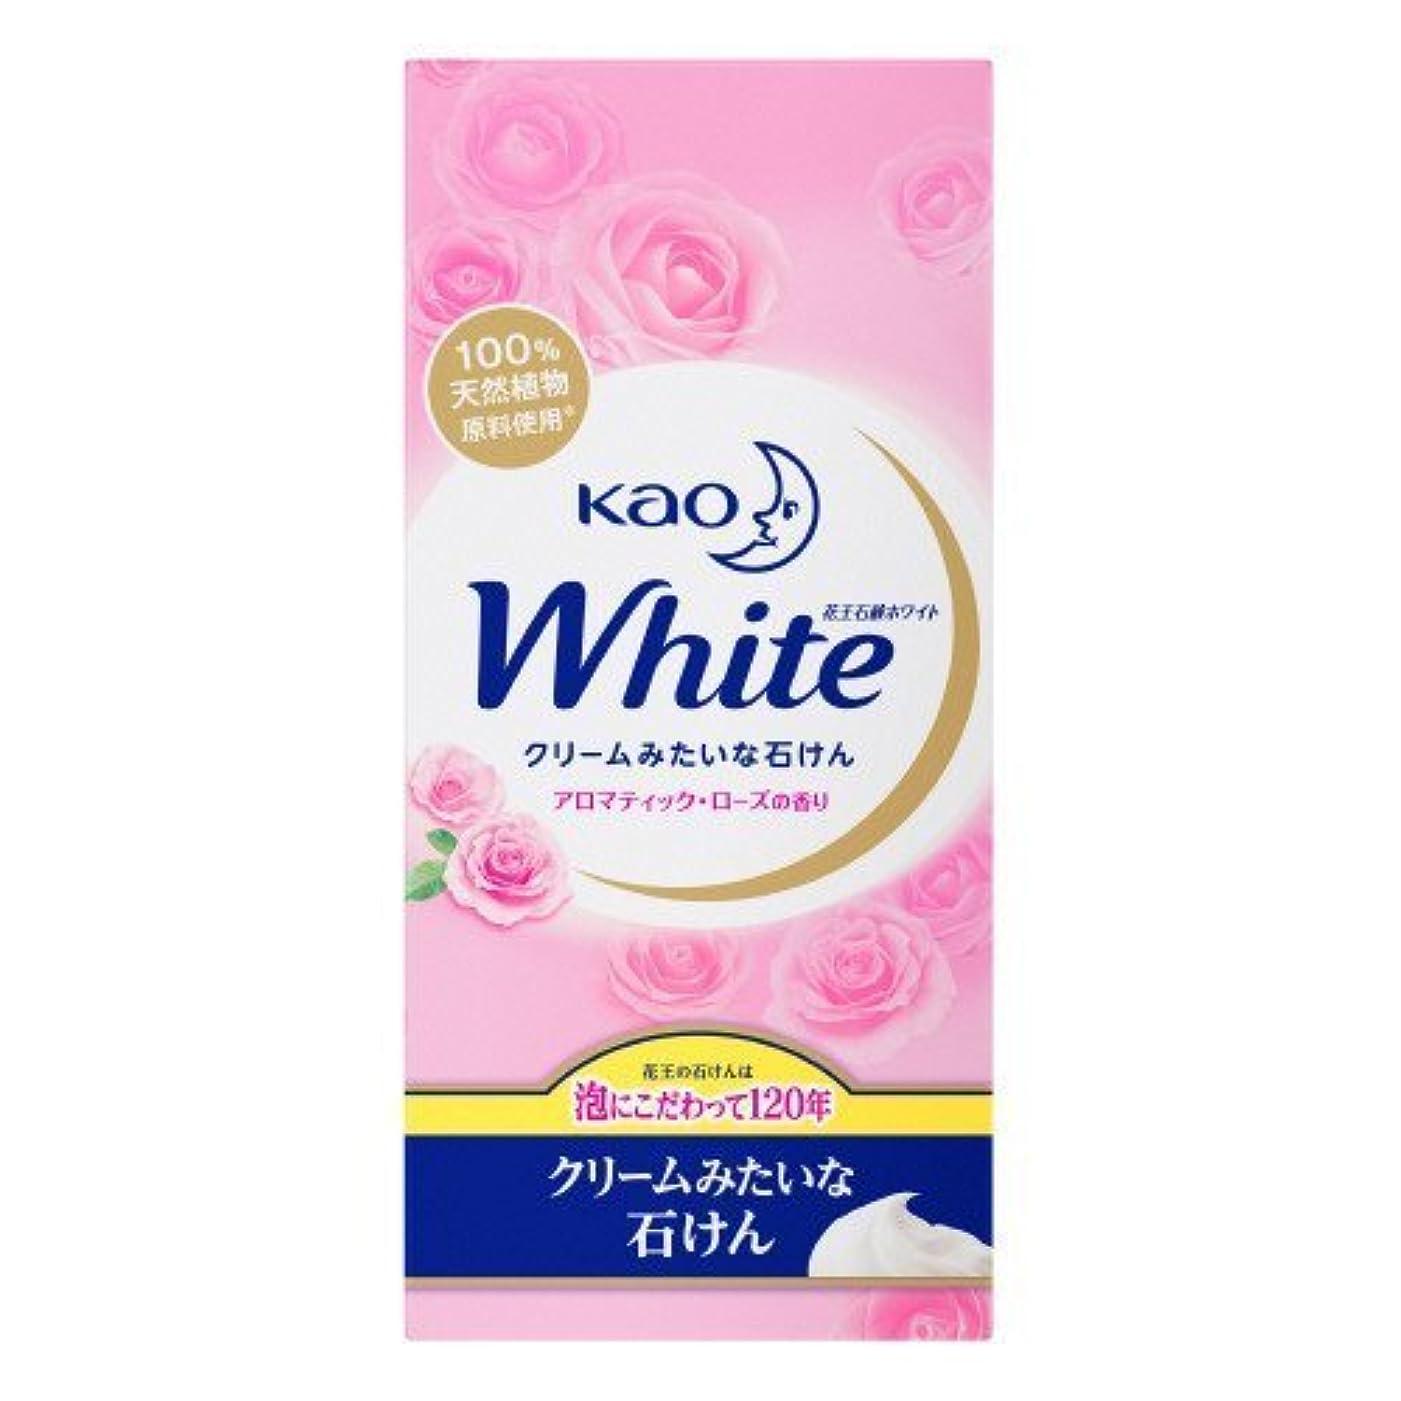 子孫却下する生態学【花王】花王ホワイト アロマティックローズの香りレギュラーサイズ (85g×6個) ×5個セット